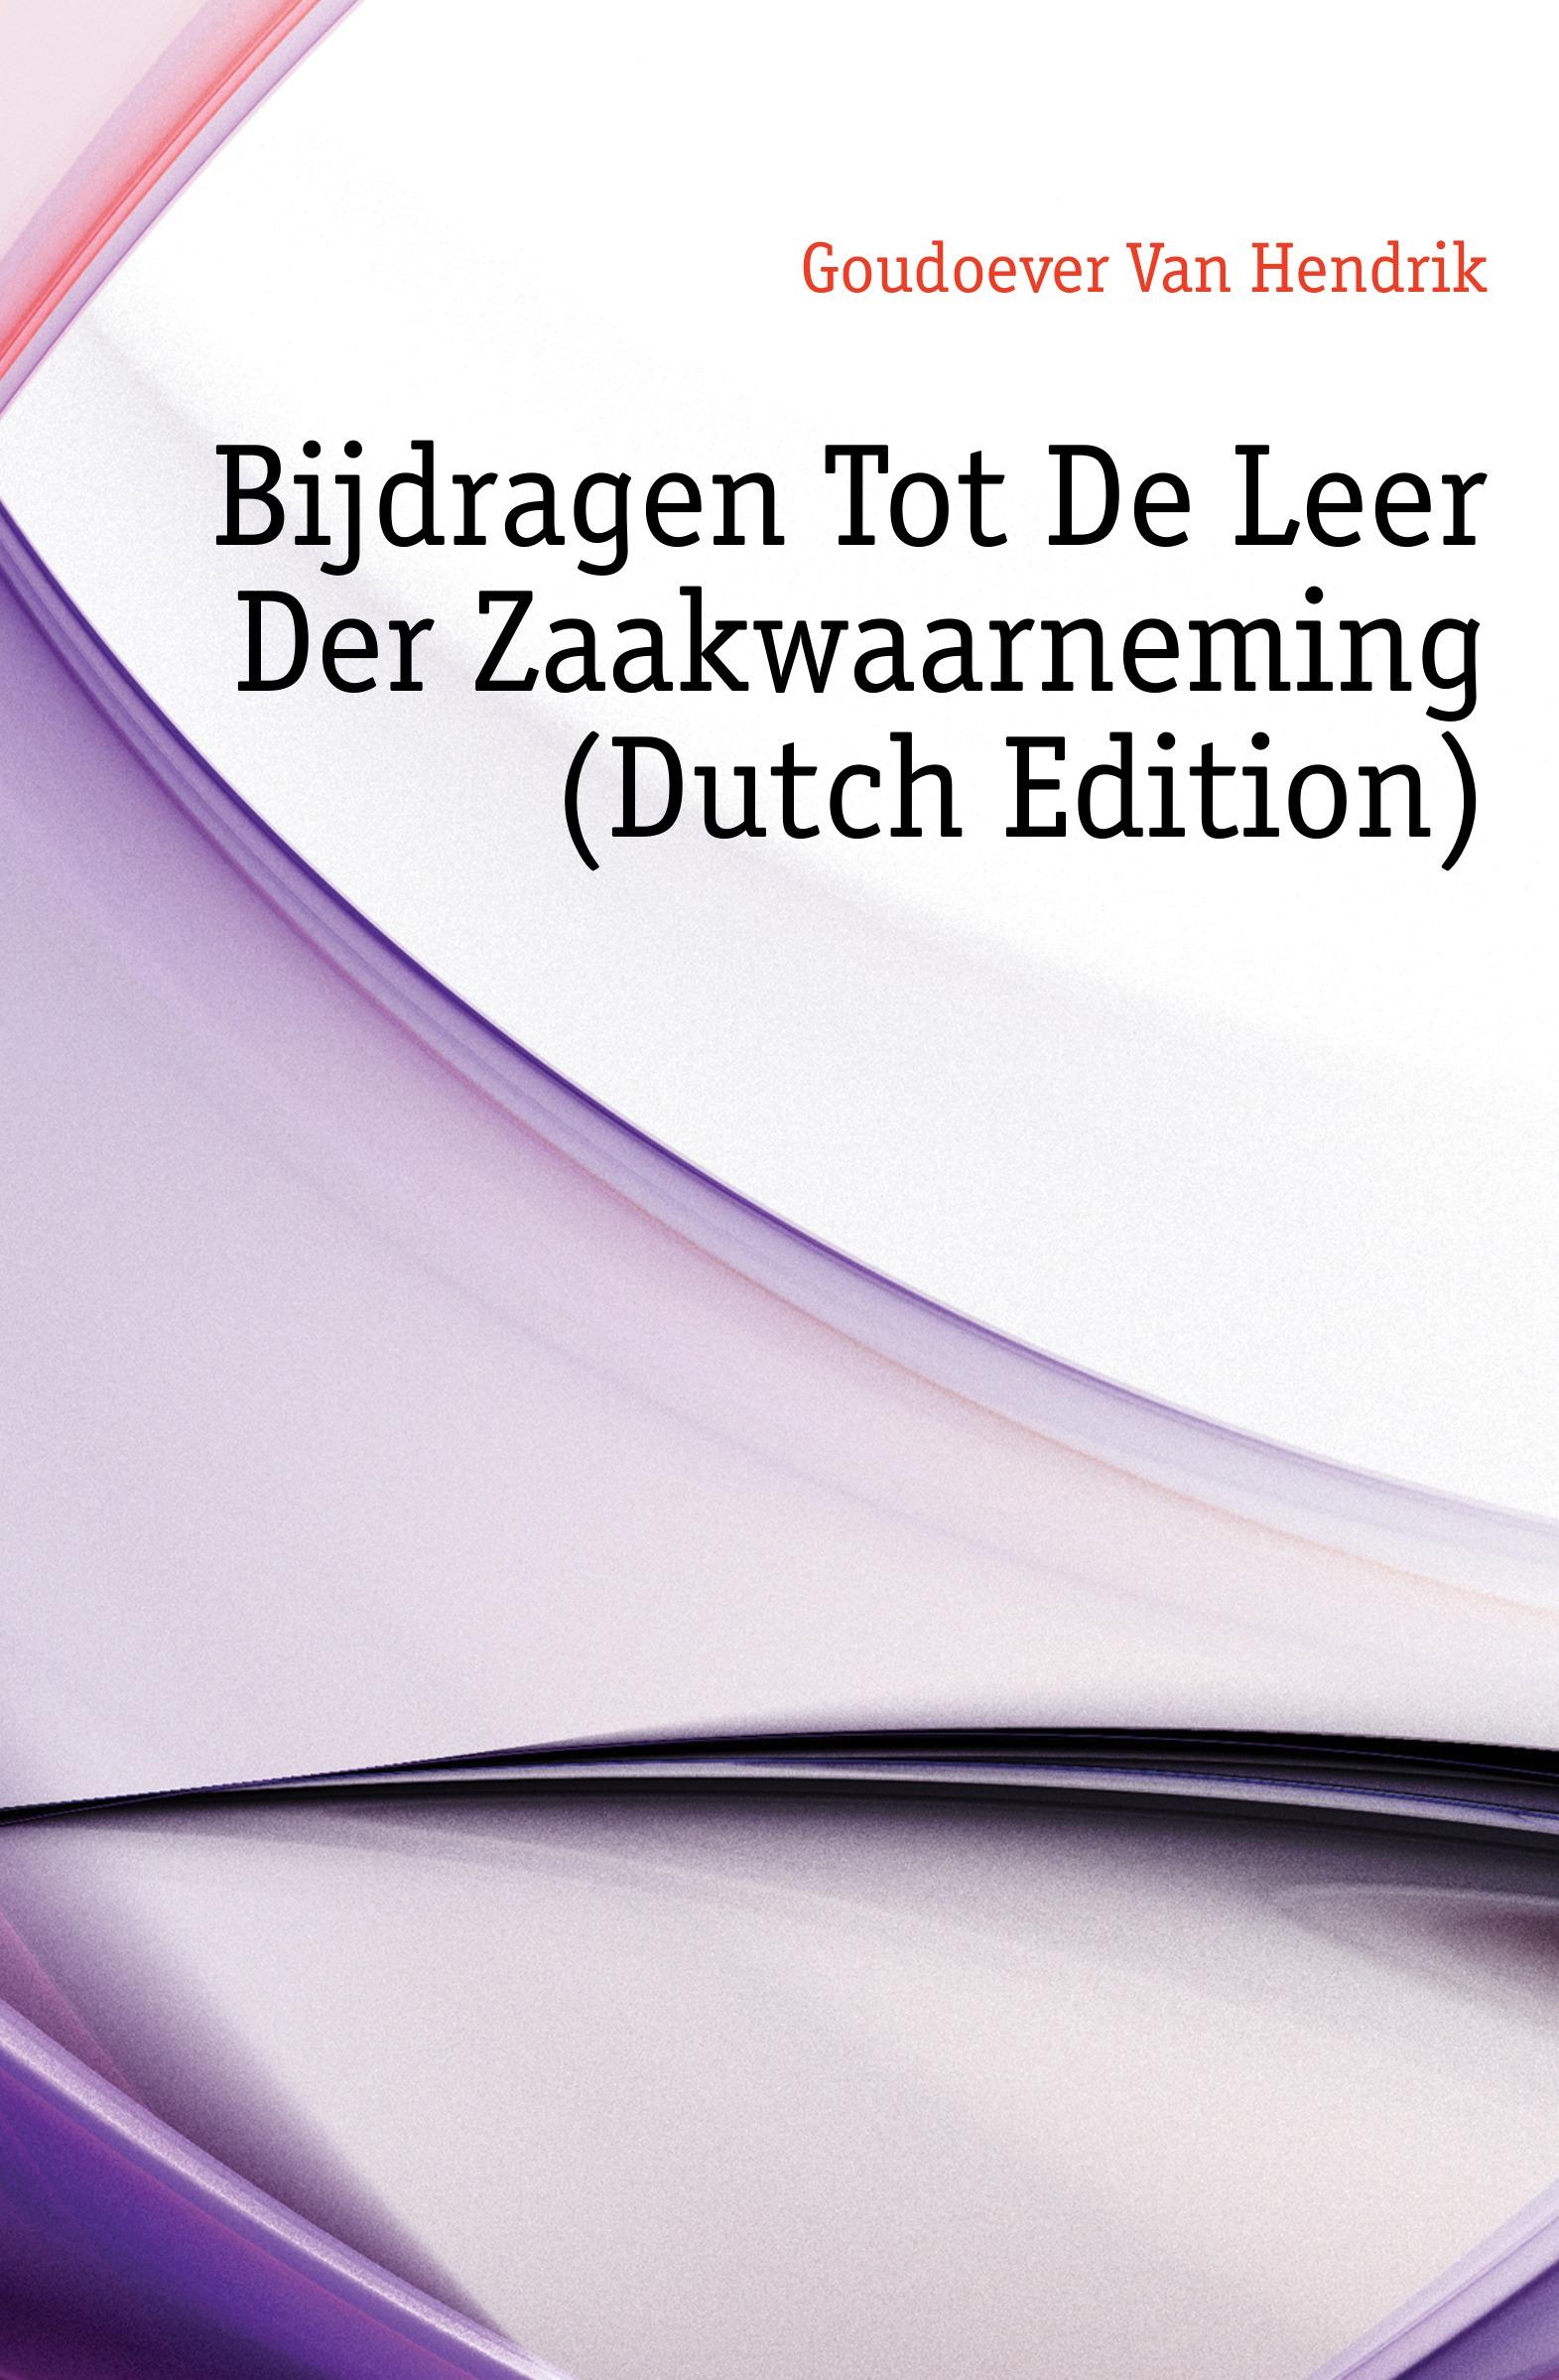 Goudoever Van Hendrik Bijdragen Tot De Leer Der Zaakwaarneming (Dutch Edition) willem boudewijn donker curtius bijdragen tot den waterstaat der nederlanden